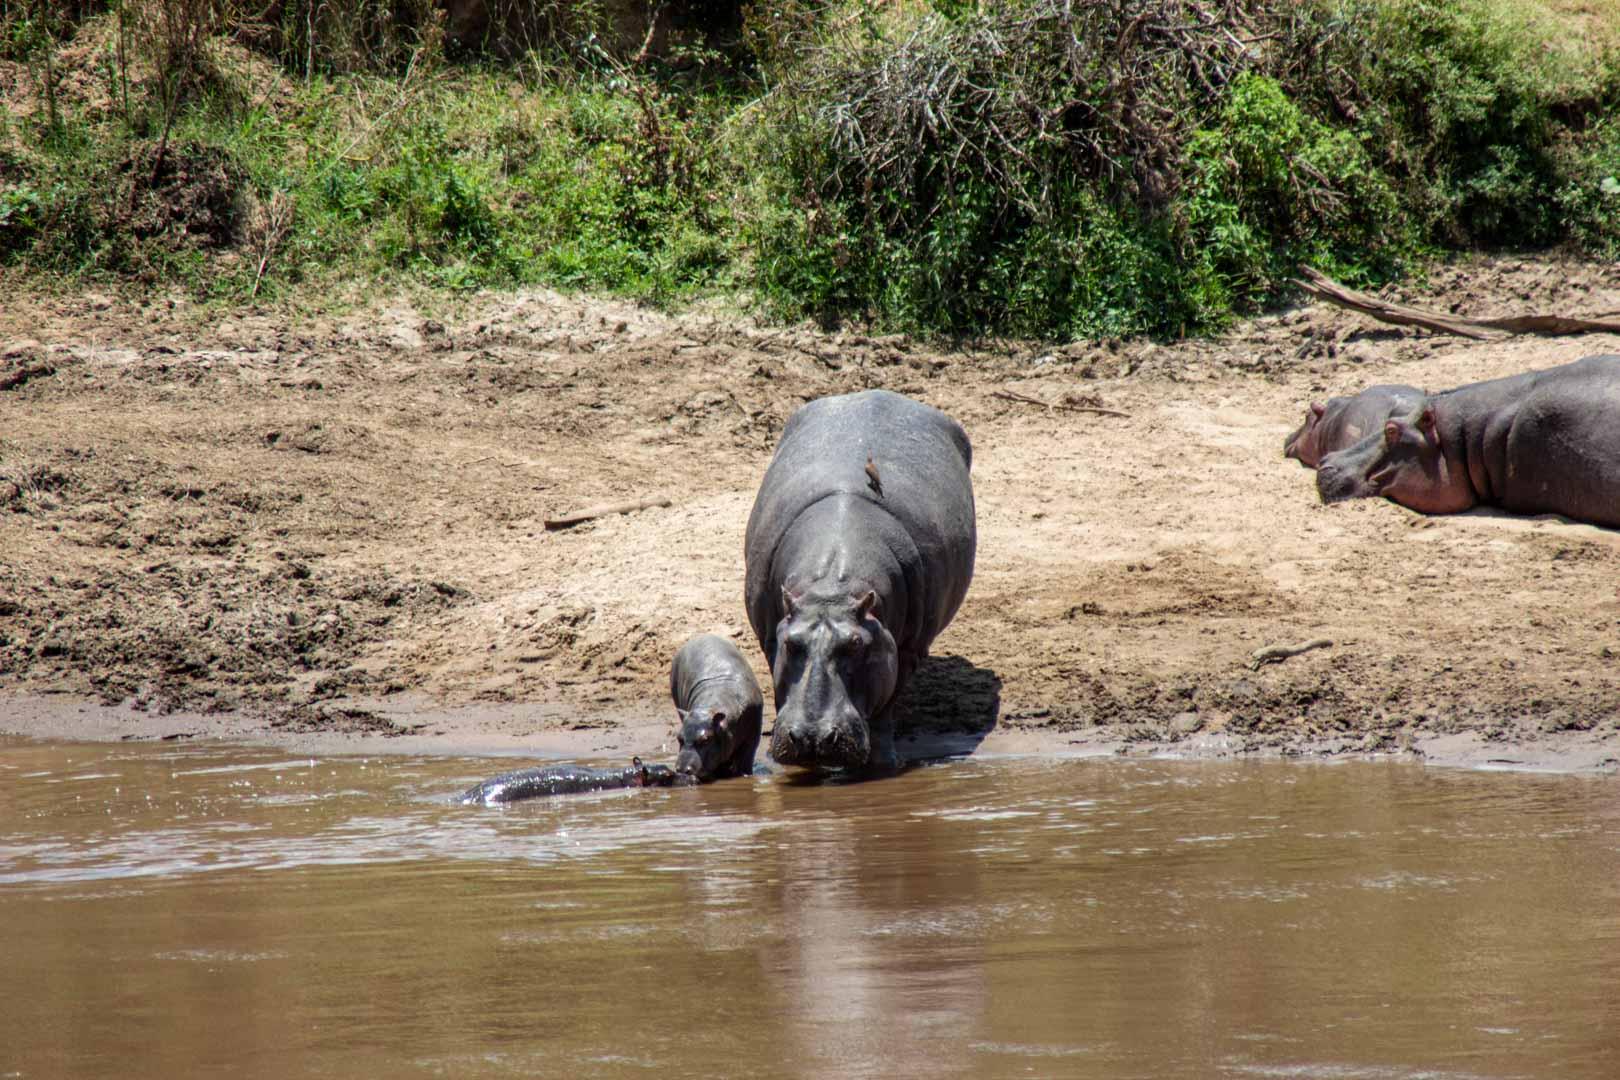 Dos bebés con su mamá hipopótamo disfrutando de un baño en el río Mara, Masai Mara, Kenia